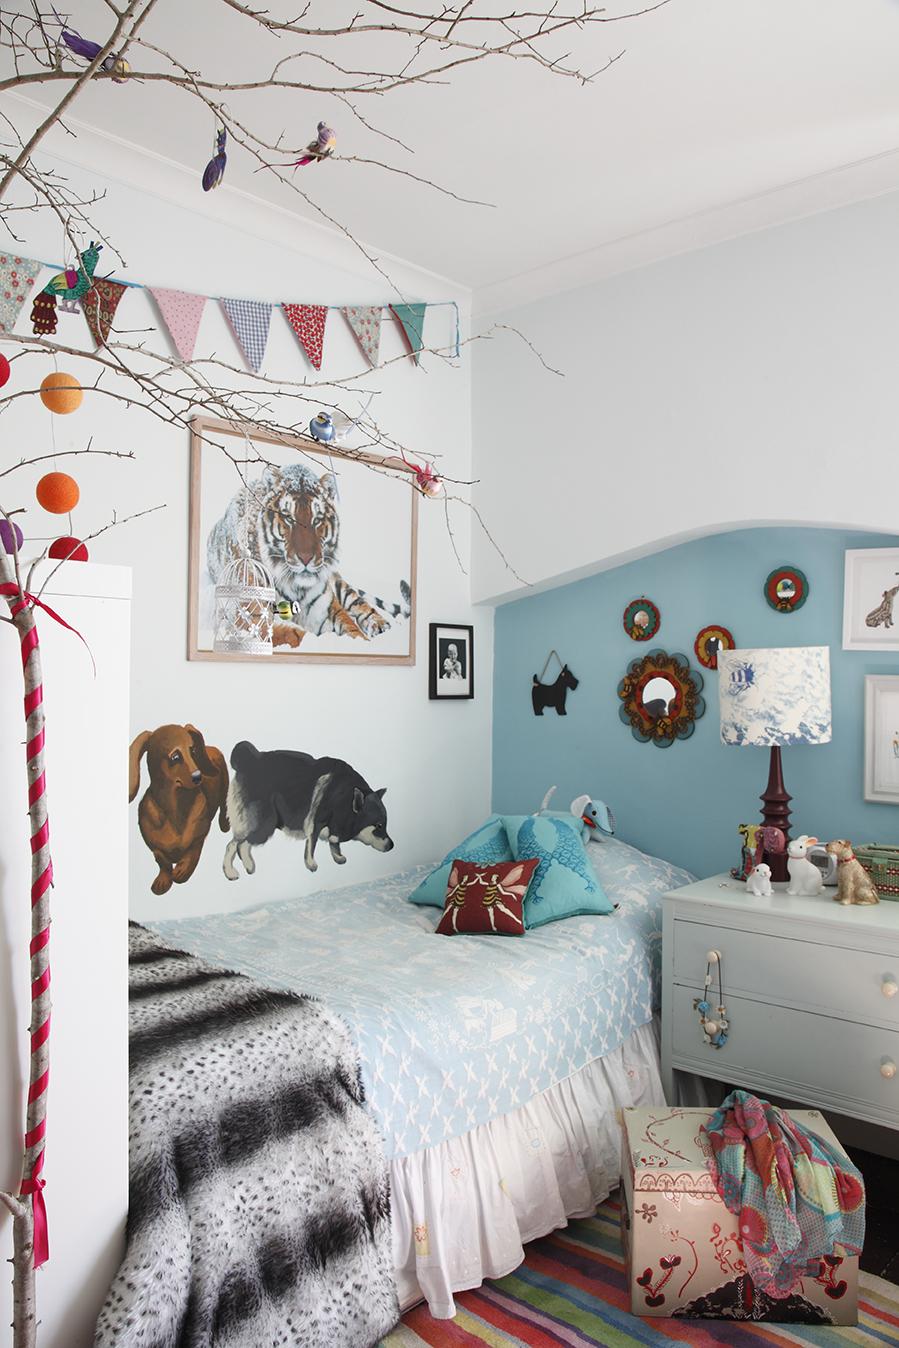 Rosie's room